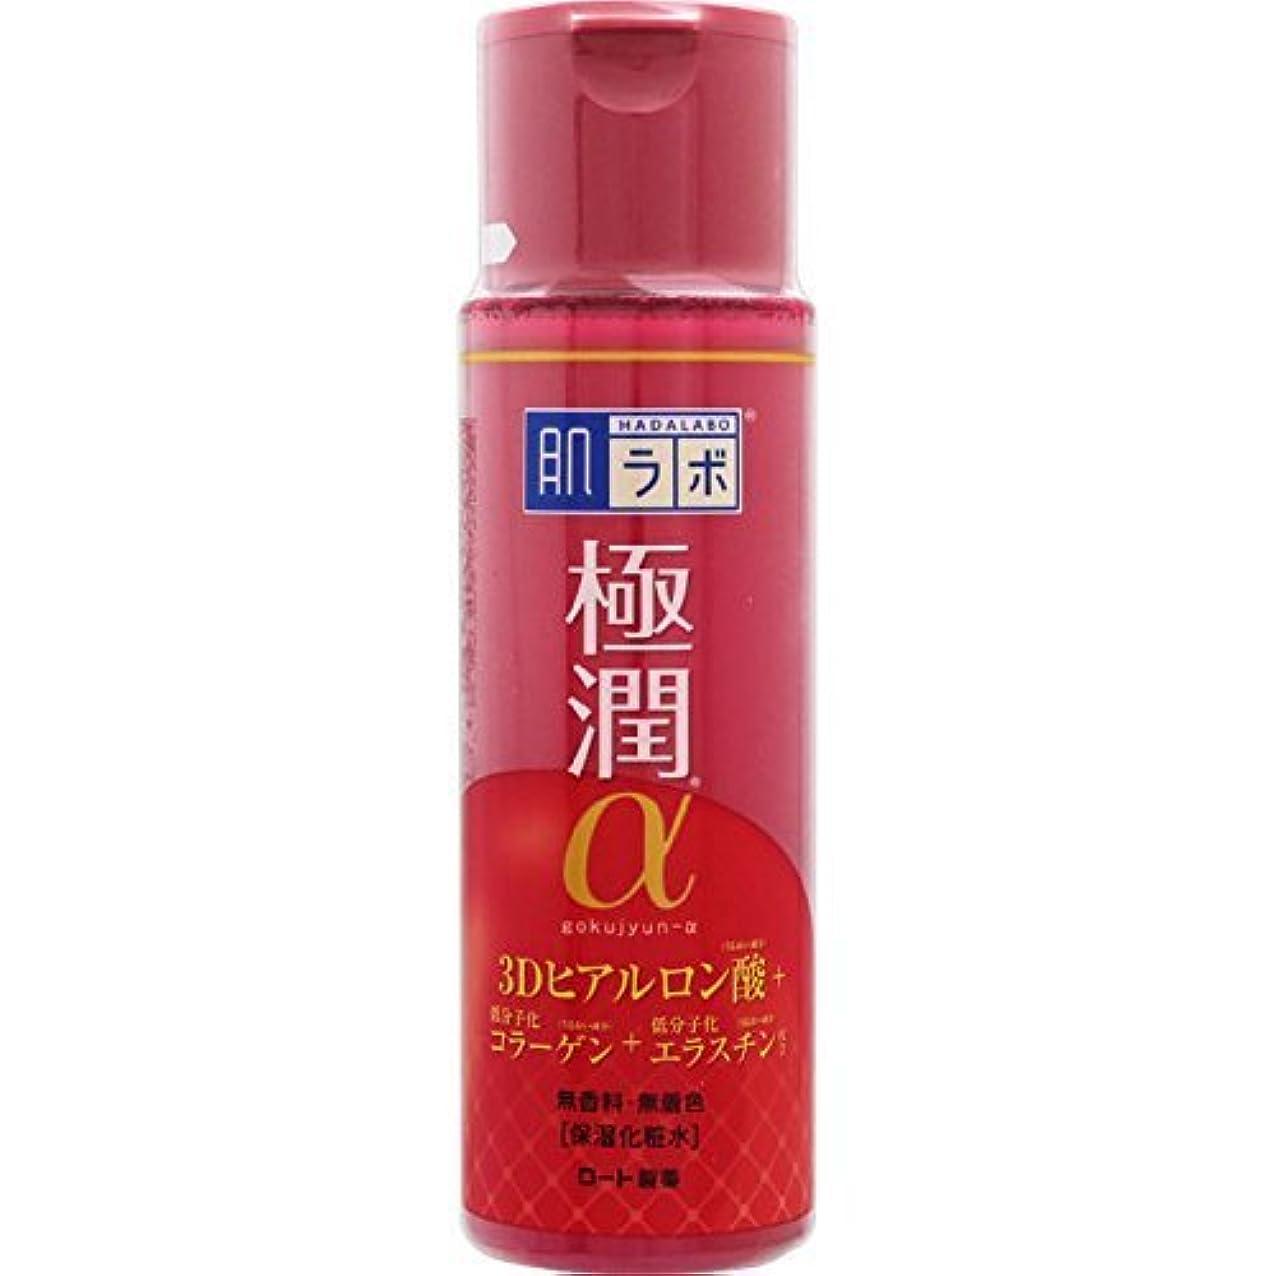 静的で出来ている忘れっぽい(2016年秋の新商品)(ロート製薬)肌ラボ極潤α 3Dヒアルロン酸保湿化粧水 170ml